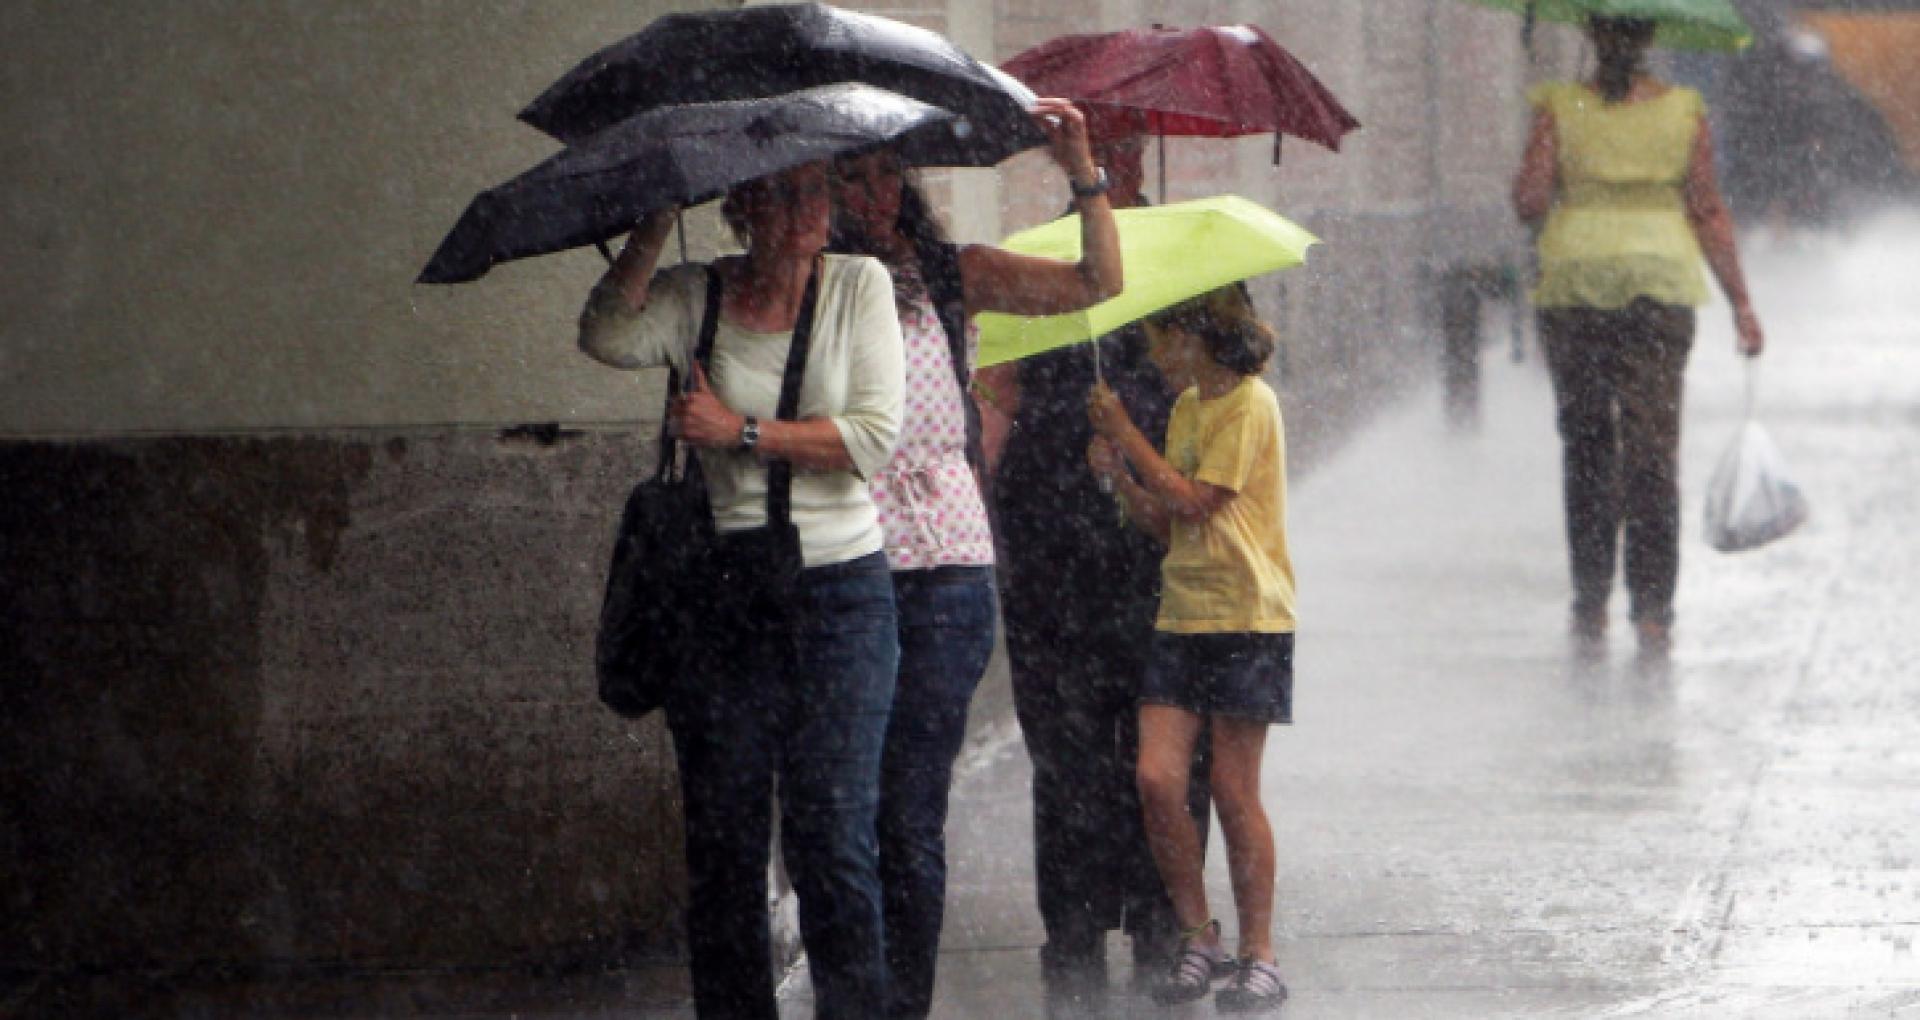 A fost emisă o nouă avertizare meteorologică: Pe întreg teritoriul R. Moldova, se vor înregistra descărcări electrice și izolat averse puternice, însoțite de vijelie și grindină